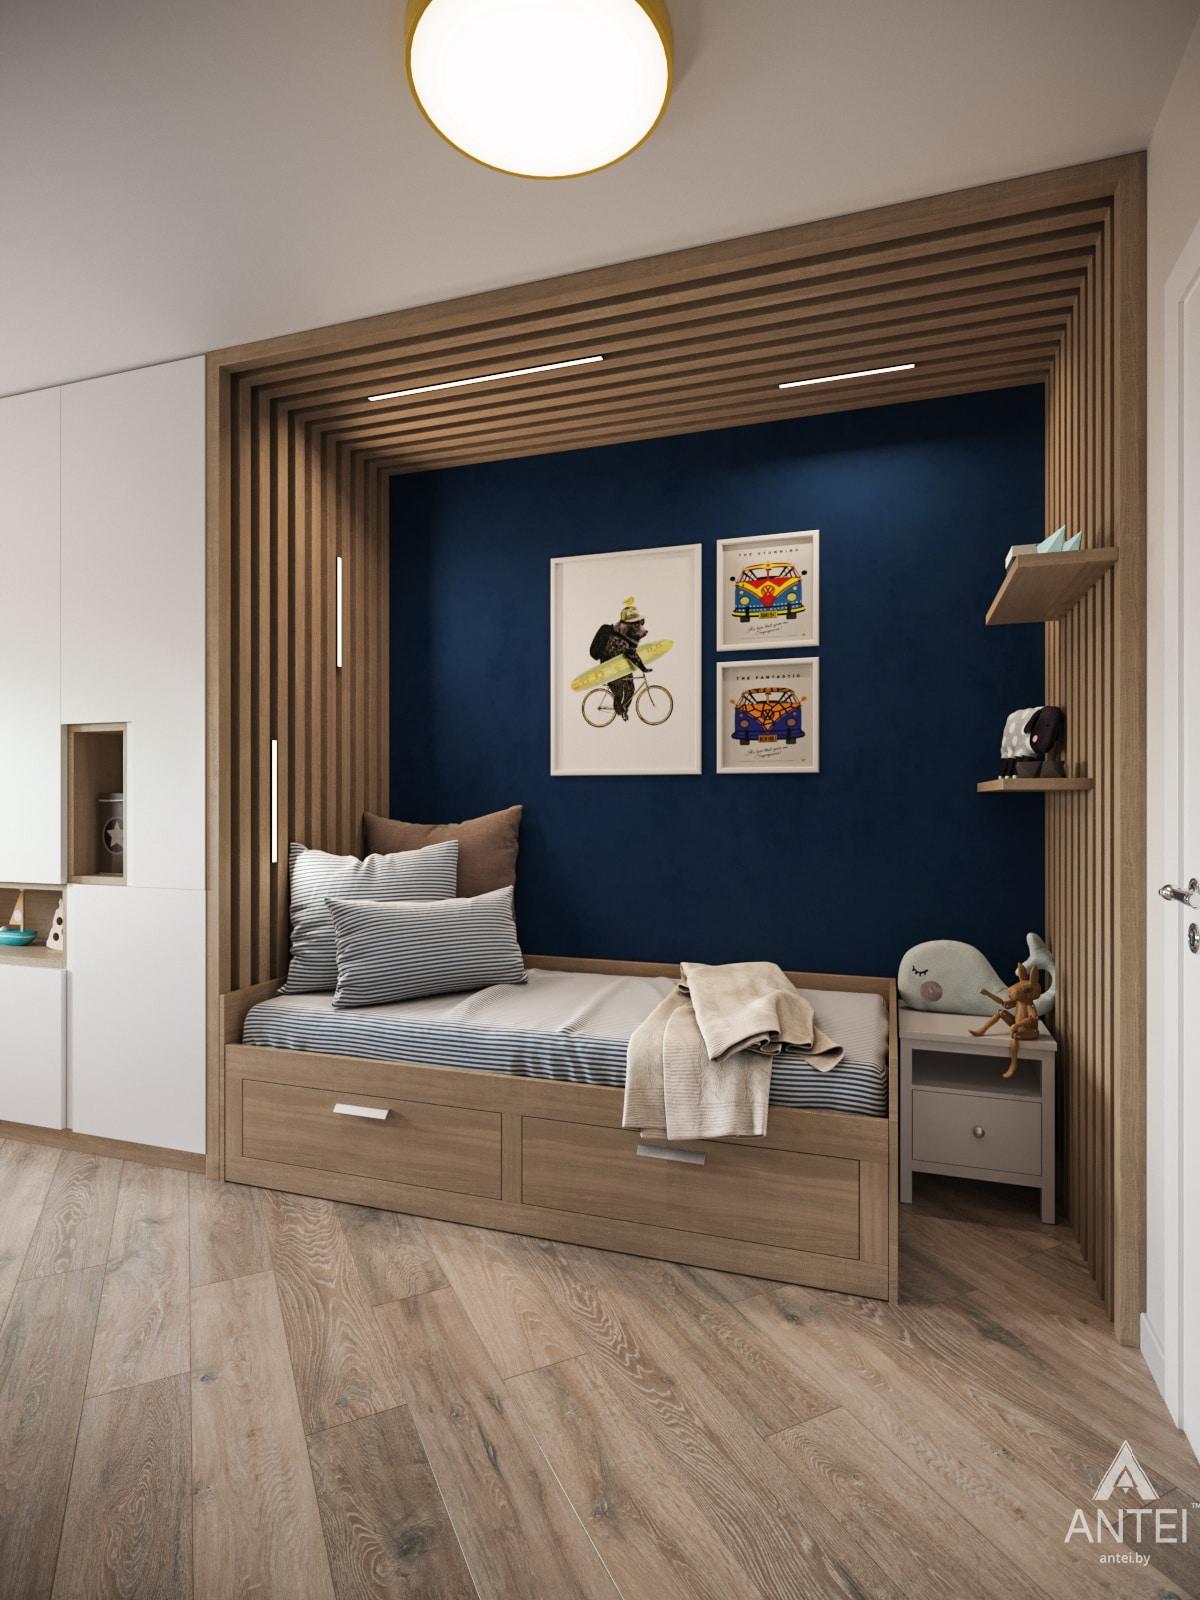 Дизайн интерьера трехкомнатной квартиры в Гомеле, ул. Бородина Т.С. - детская комната фото №3